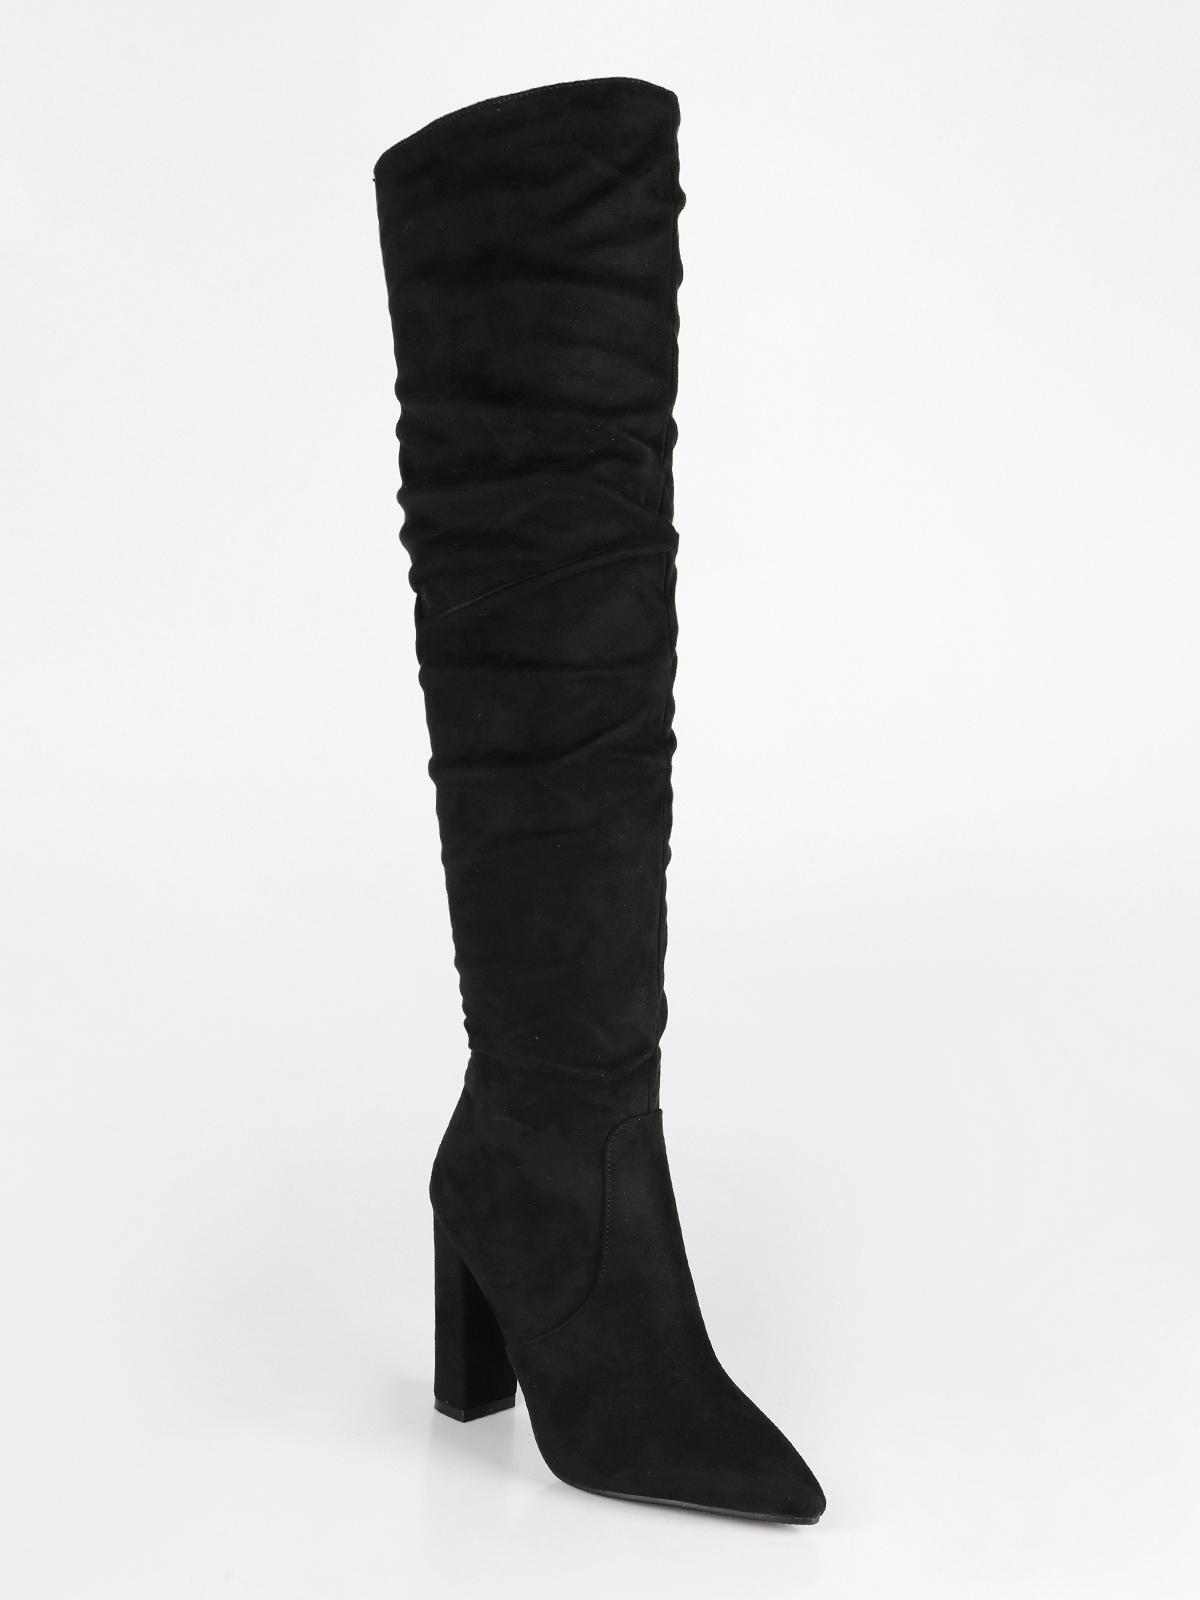 9b90e60fd2 Stivali sopra il ginocchio a punta con tacco largo janessa | MecShopping